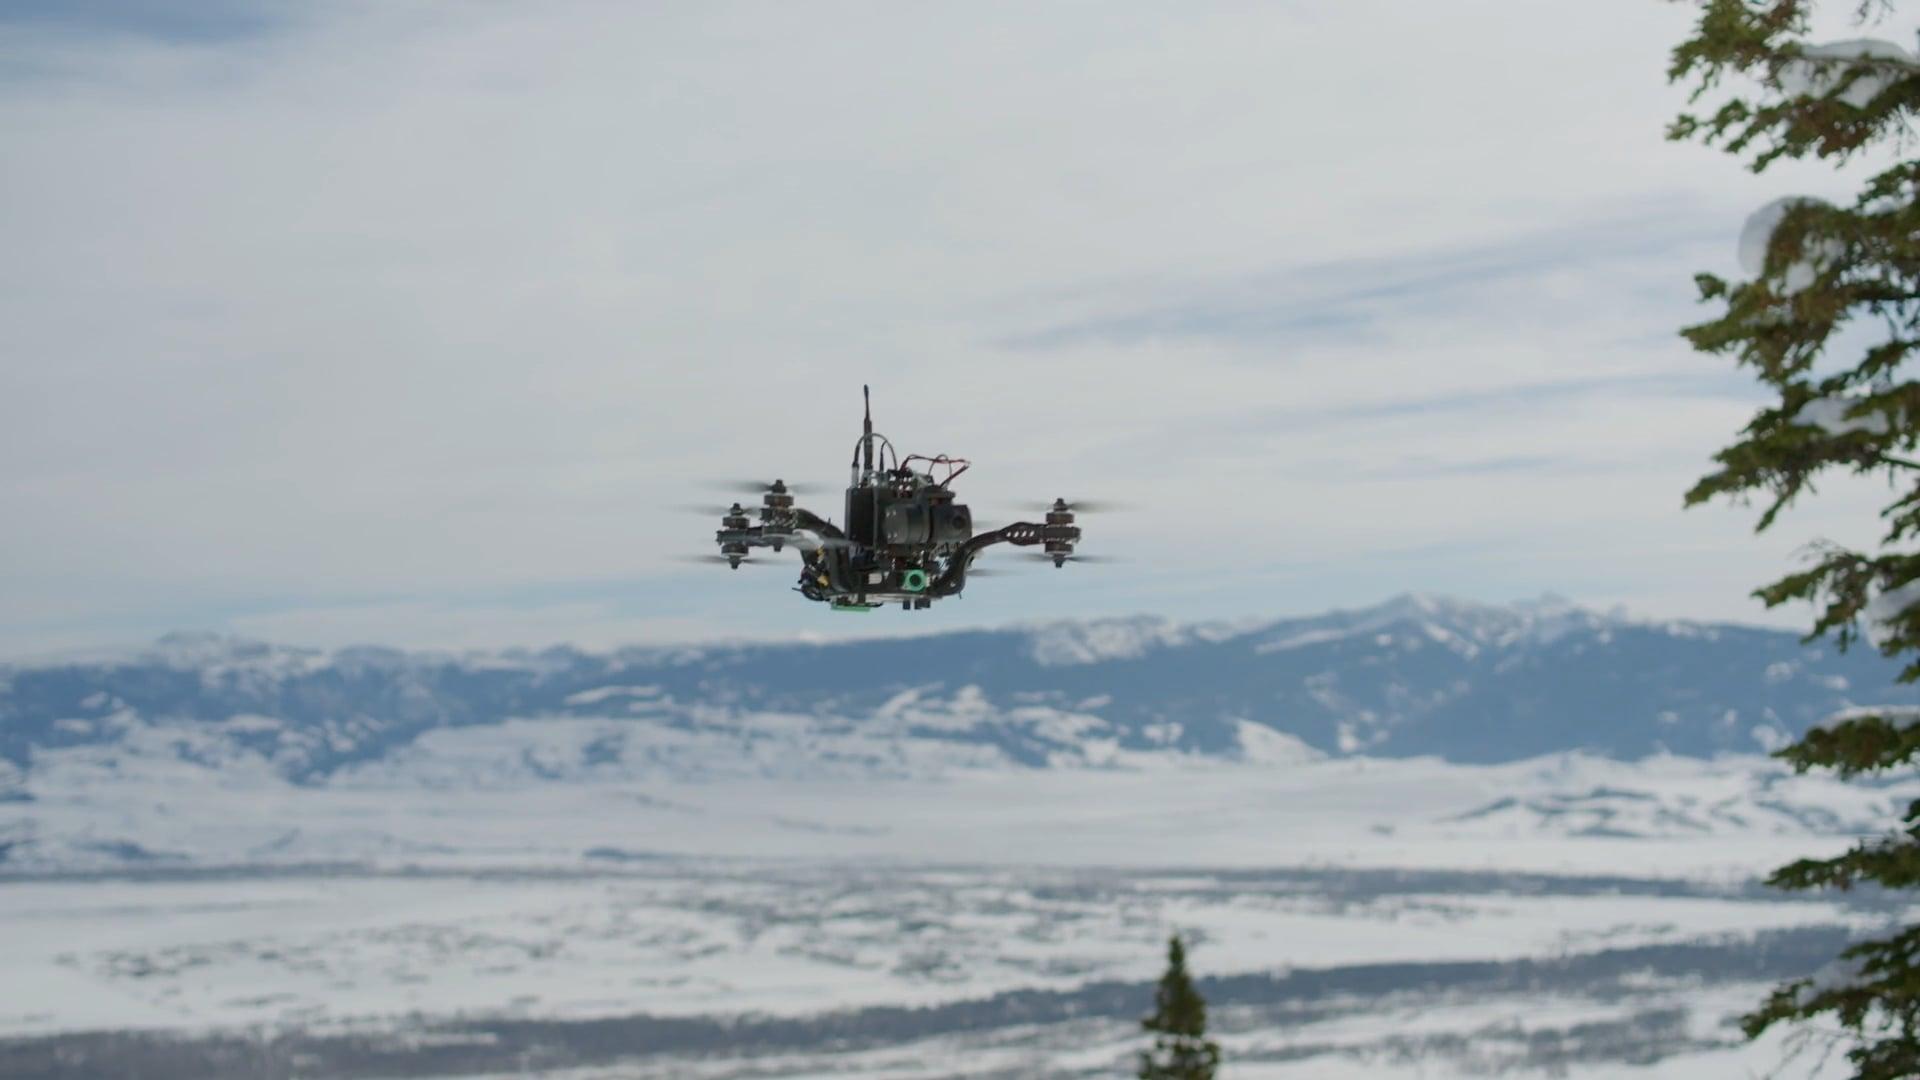 Live Racing Drones